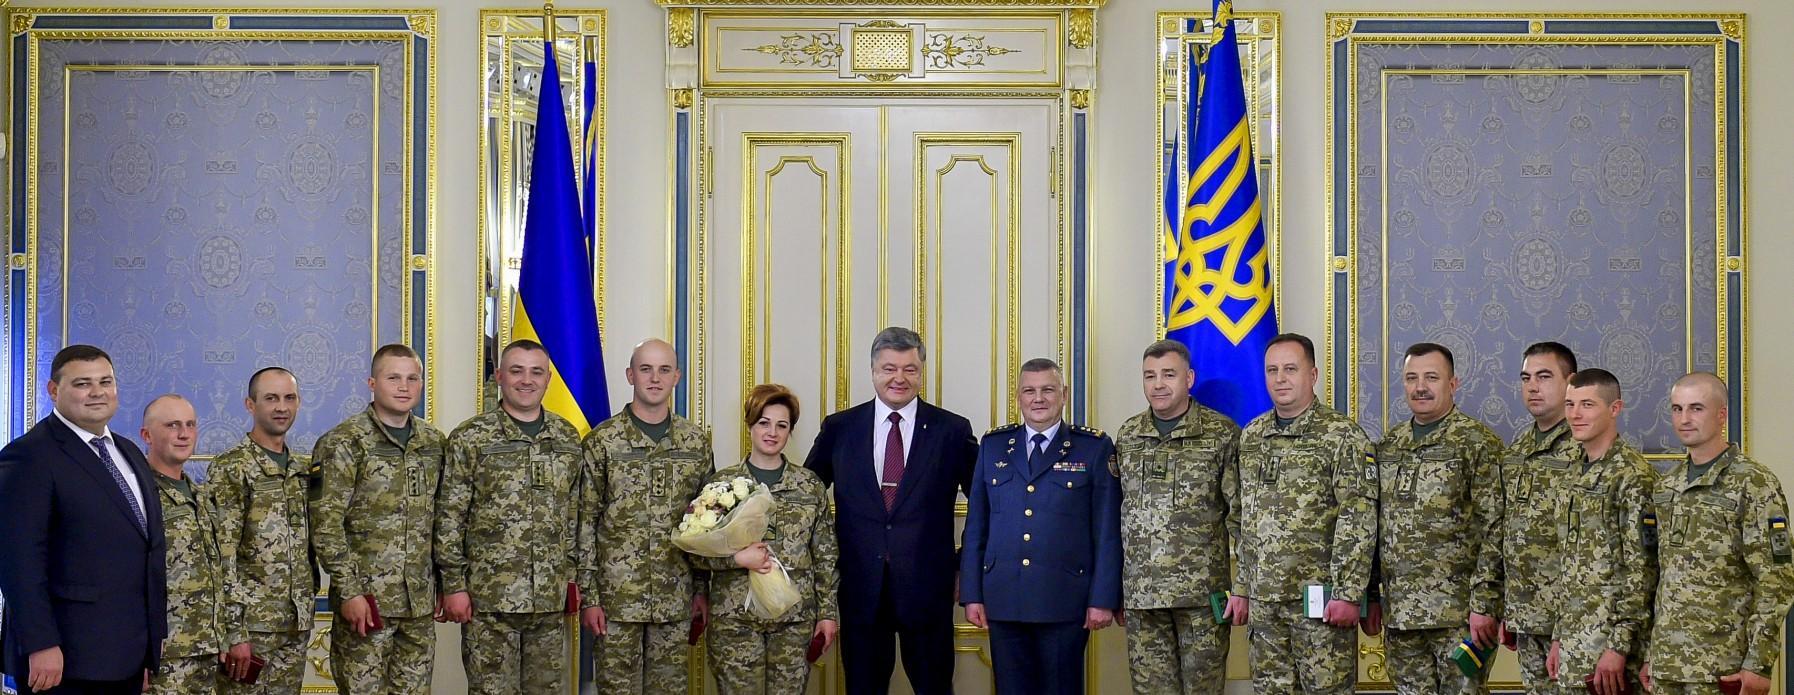 Петр Порошенко вручил награды военнослужащим ГПСУ_3